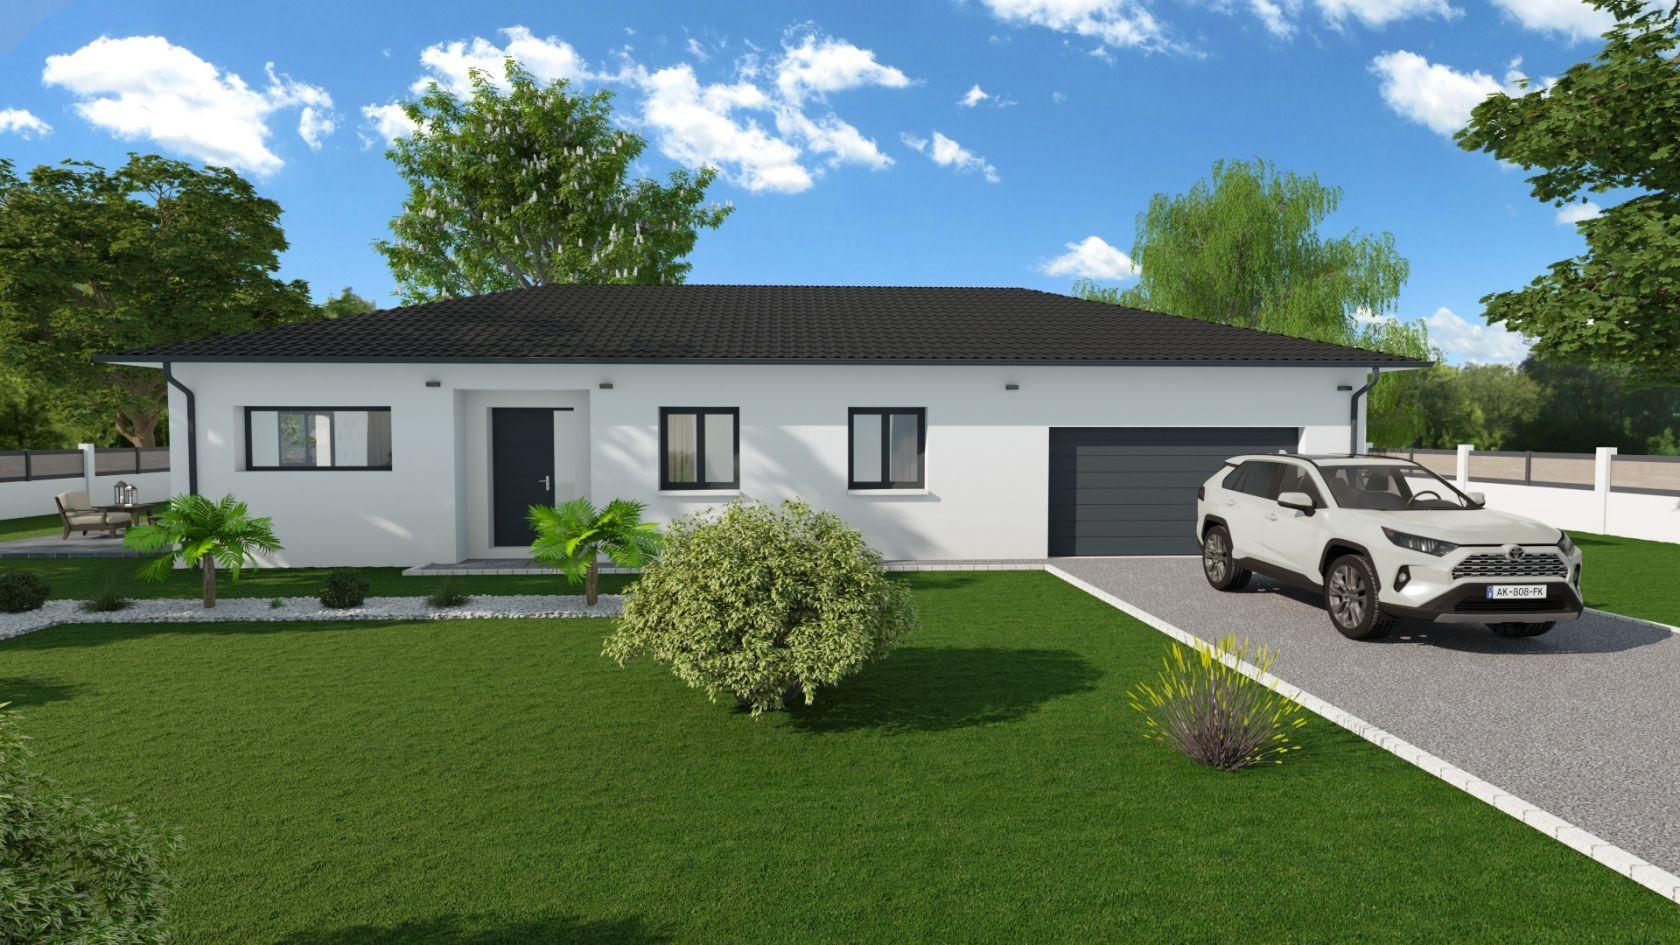 Maison 85.5 m² avec terrain à SAINTE-ANNE-SUR-GERVONDE (38) 2